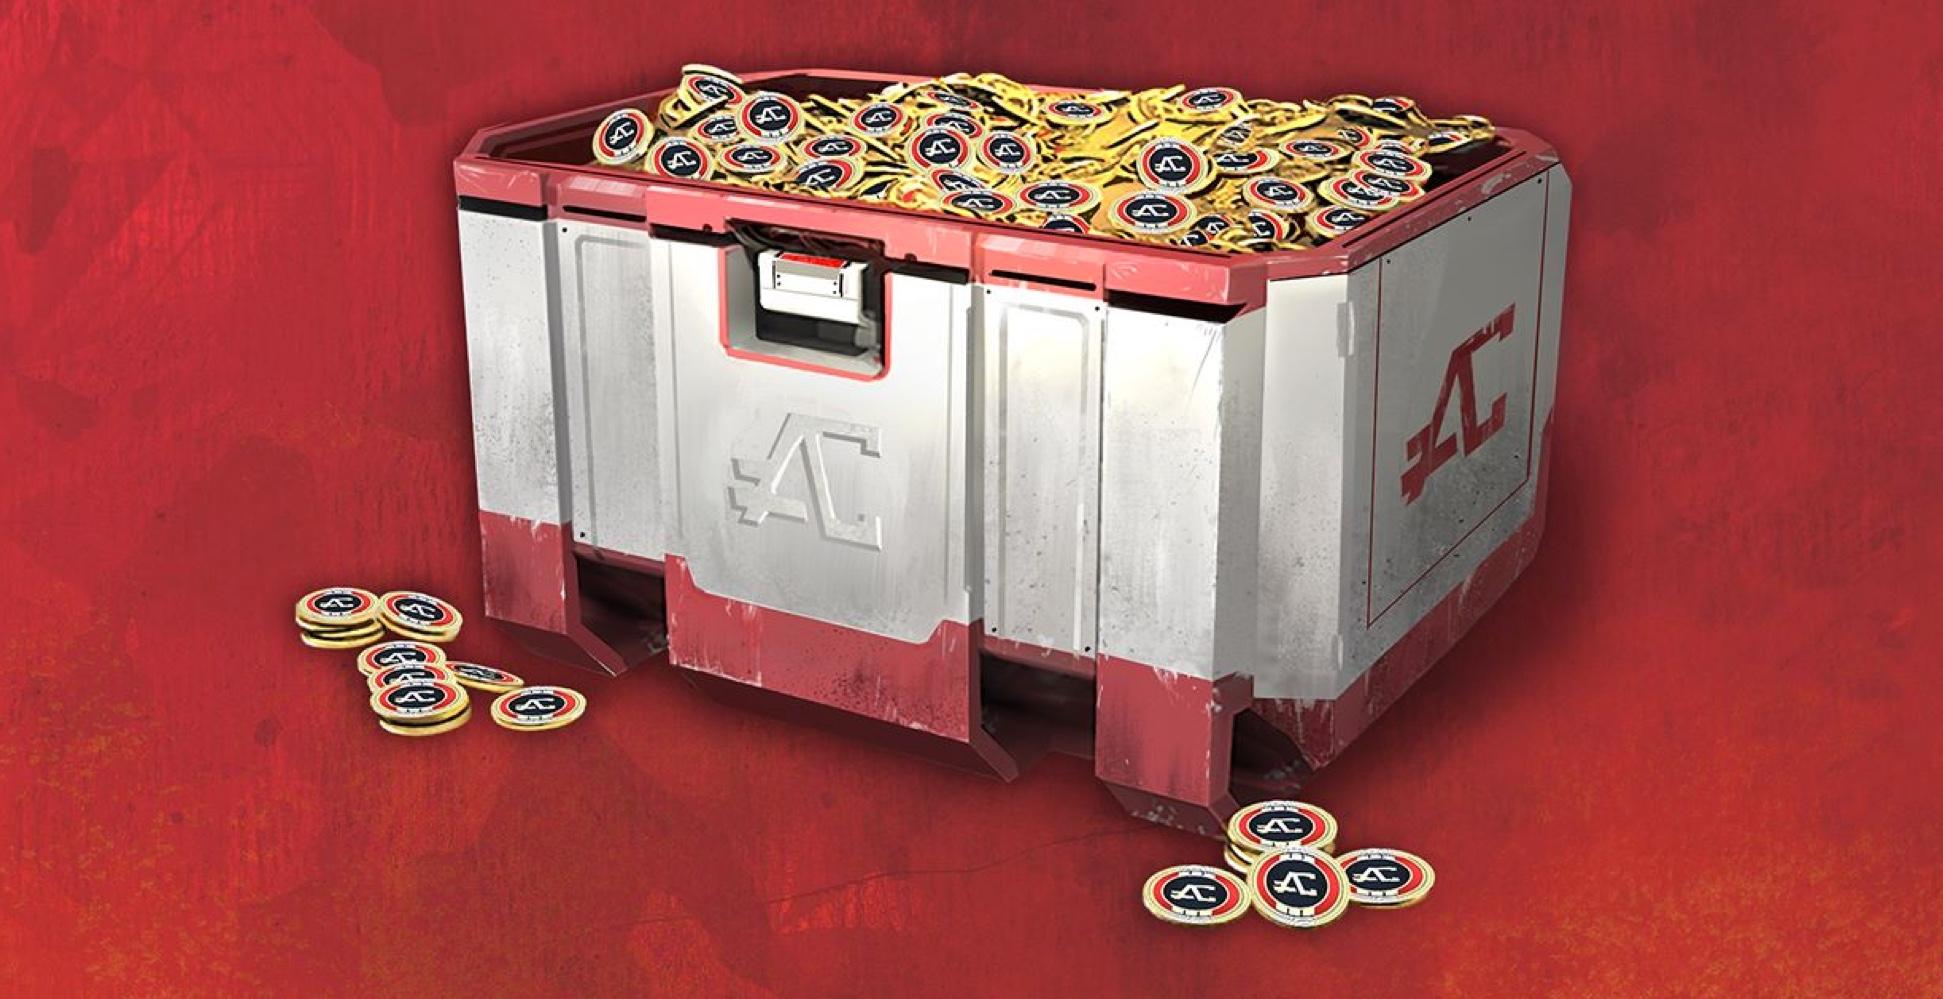 6700 Apex Coins - Apex Legends